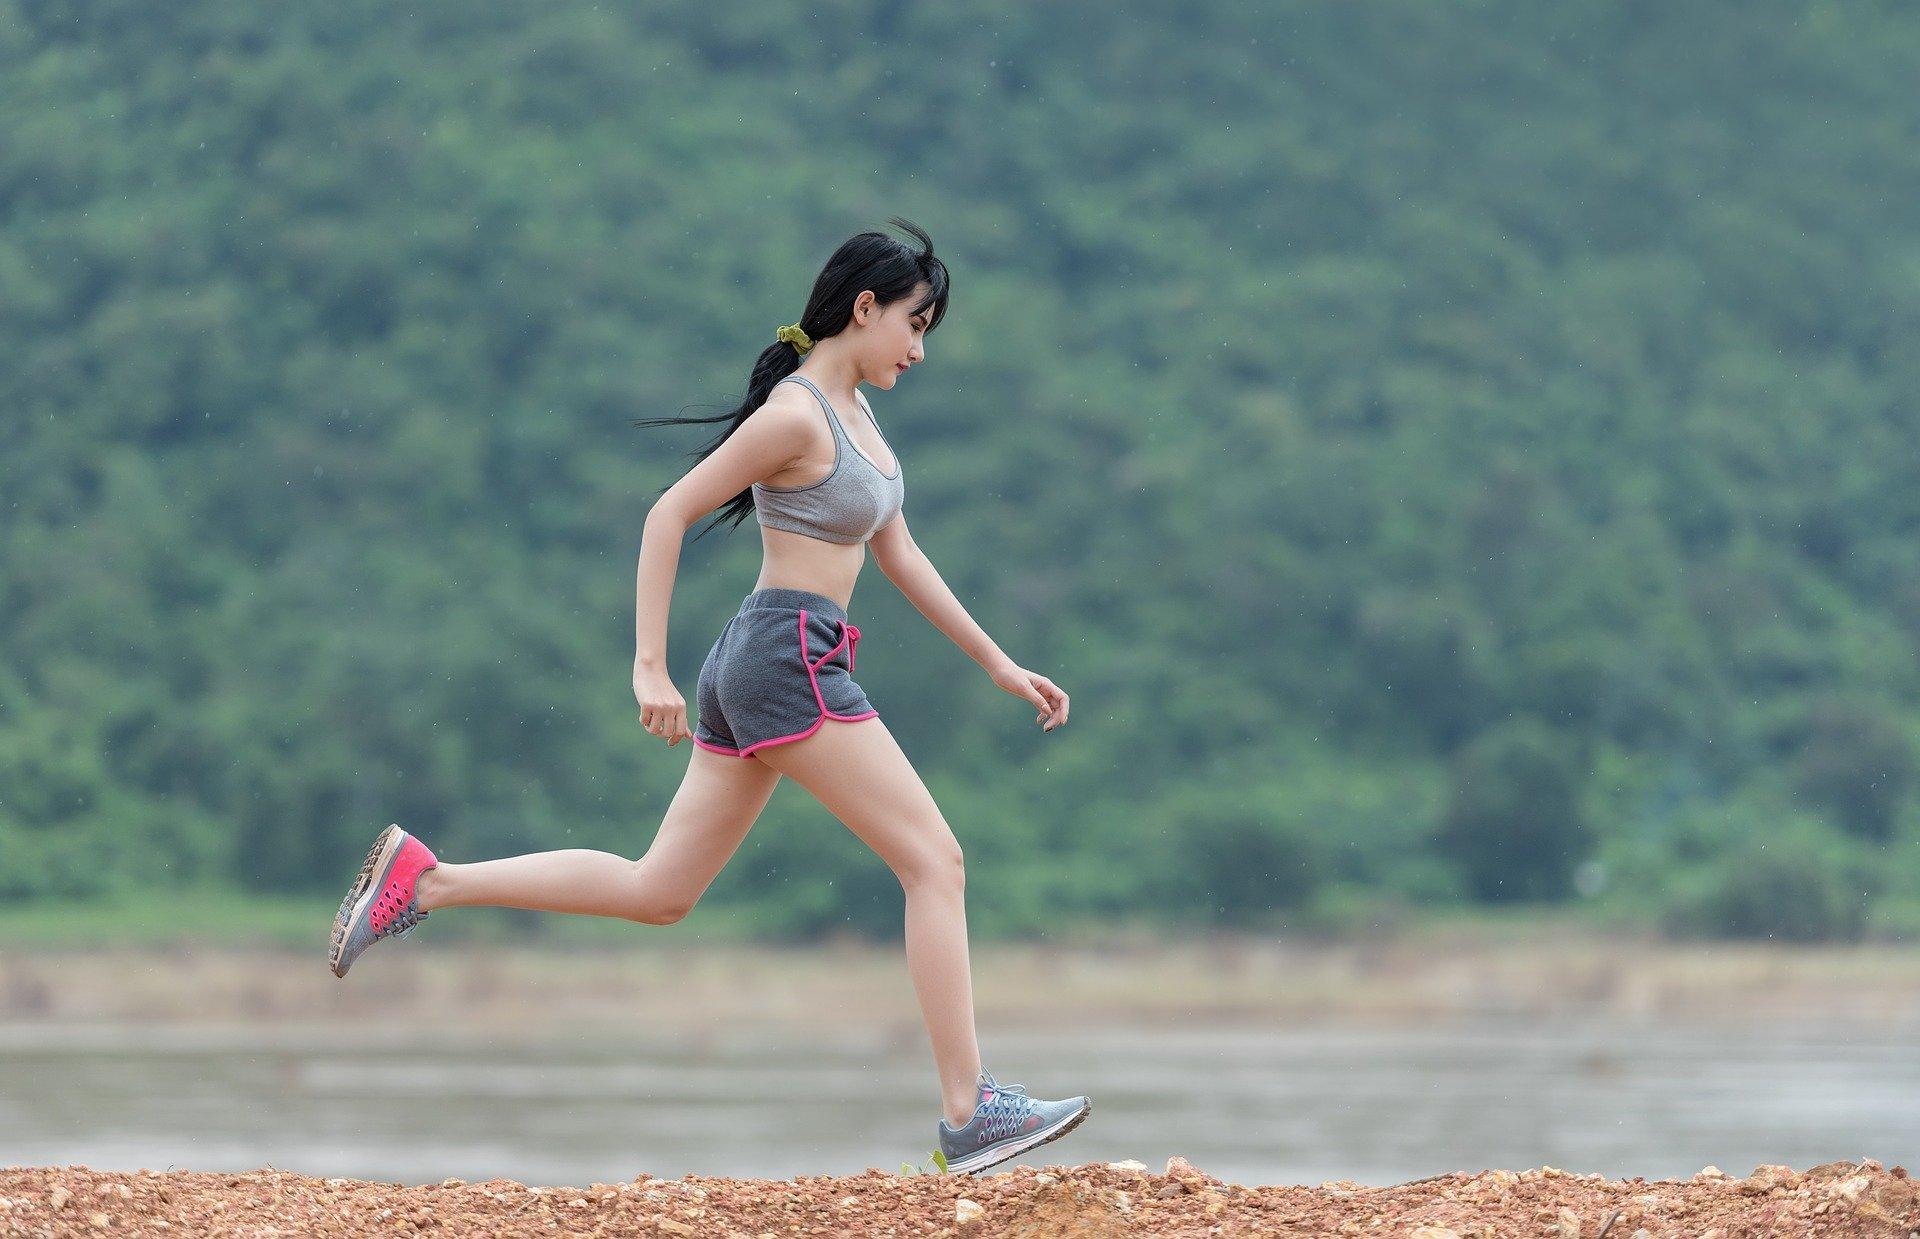 alimentazione sana dieta aiuto energia alimenti verdura macrobiotica dieta naturopatia corso on line movimento ginnastica corsa mattina meditazione camminata Guo Lin Qi Gong pranayanaD.A.S.P. scuola operatori olistici